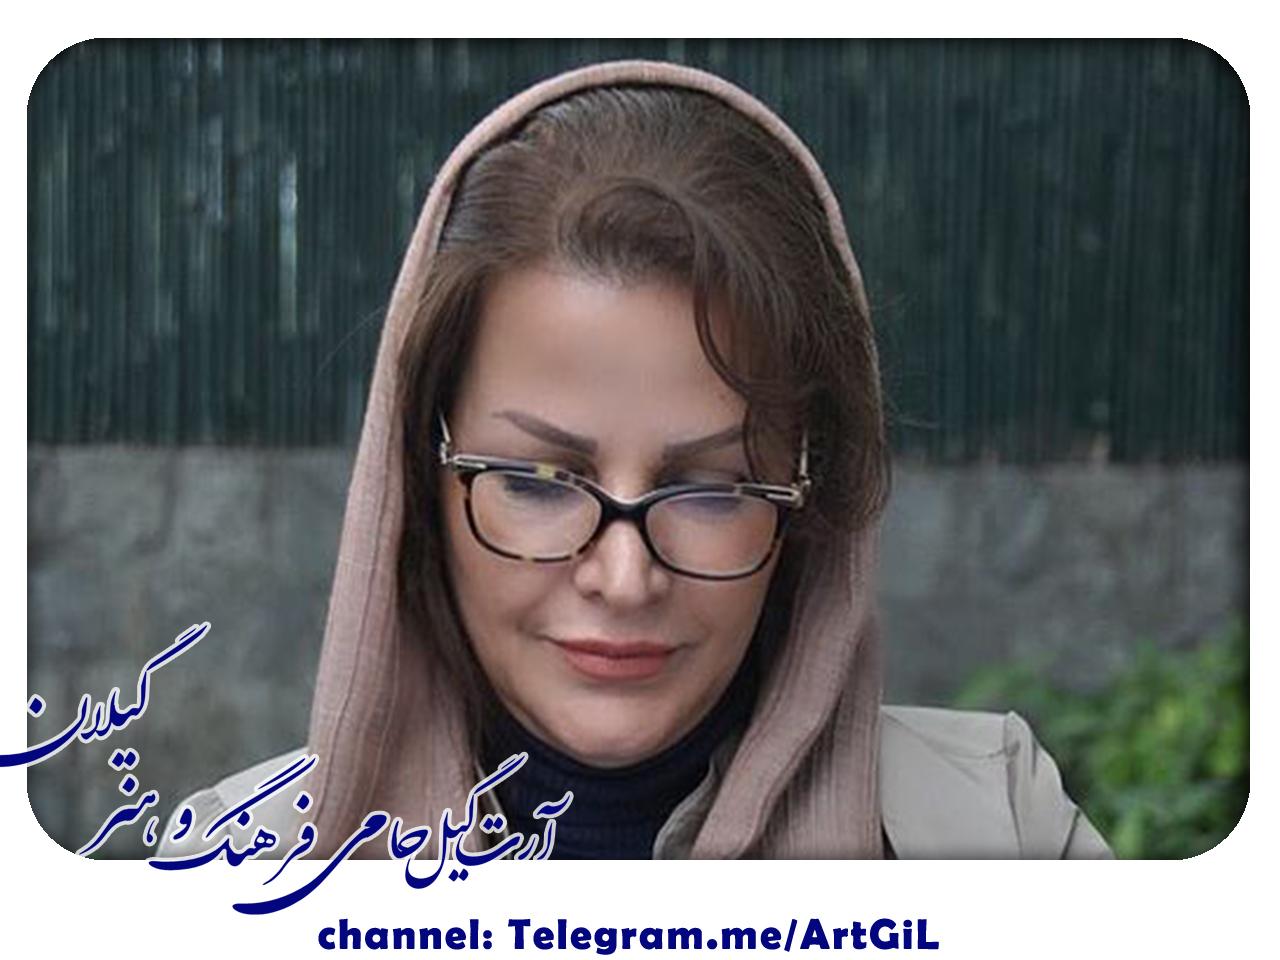 بیوگرافی بهناز علیپور گسکری ( داستاننویس، منتقد ادبی و پژوهشگر ایرانی )